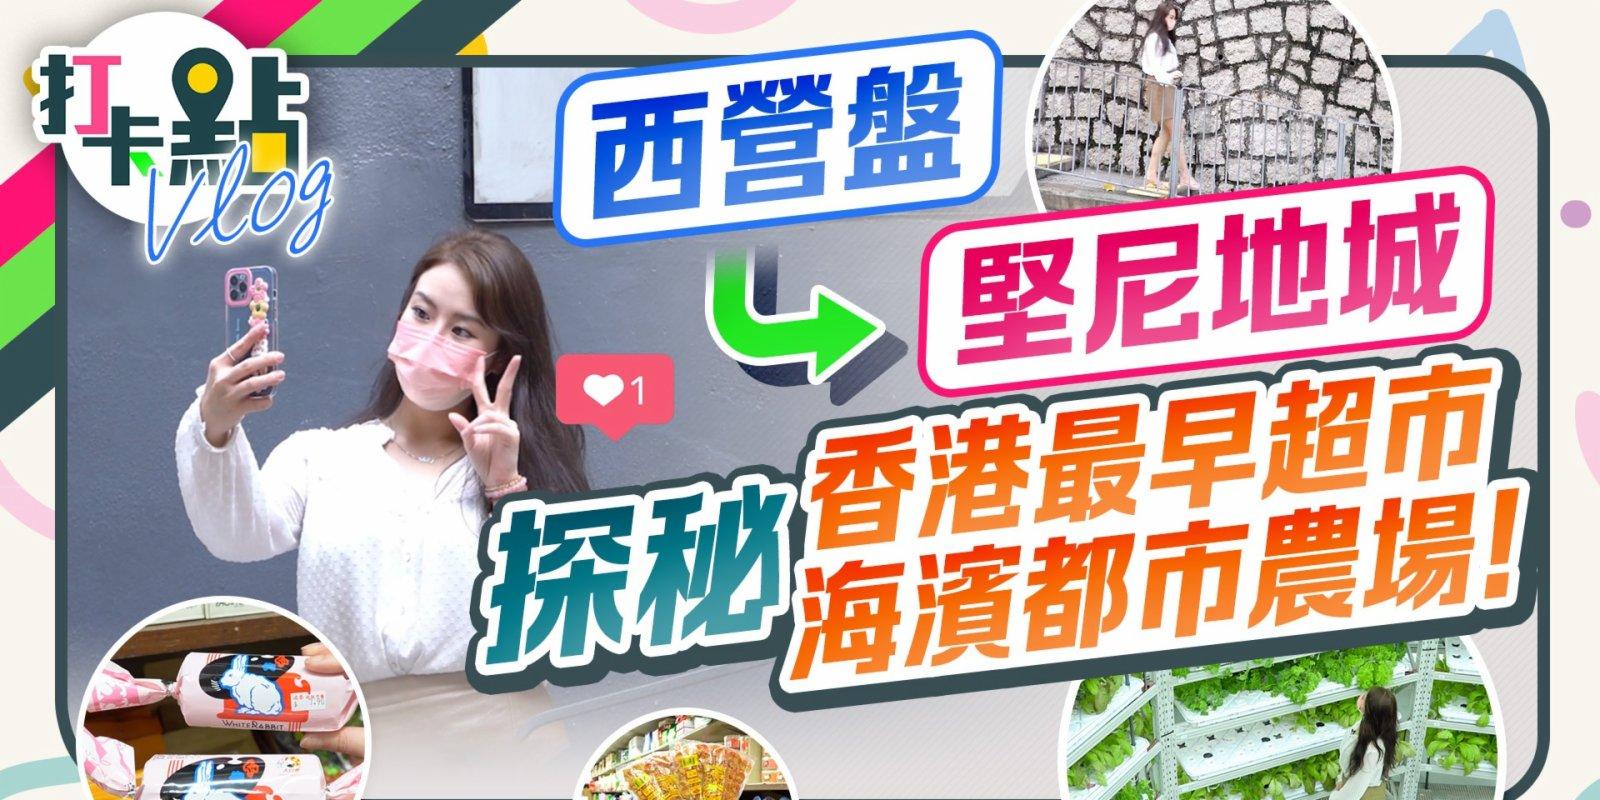 打卡點Vlog|西營盤行至堅尼地城 探秘香港最早超市及海濱都市農場!